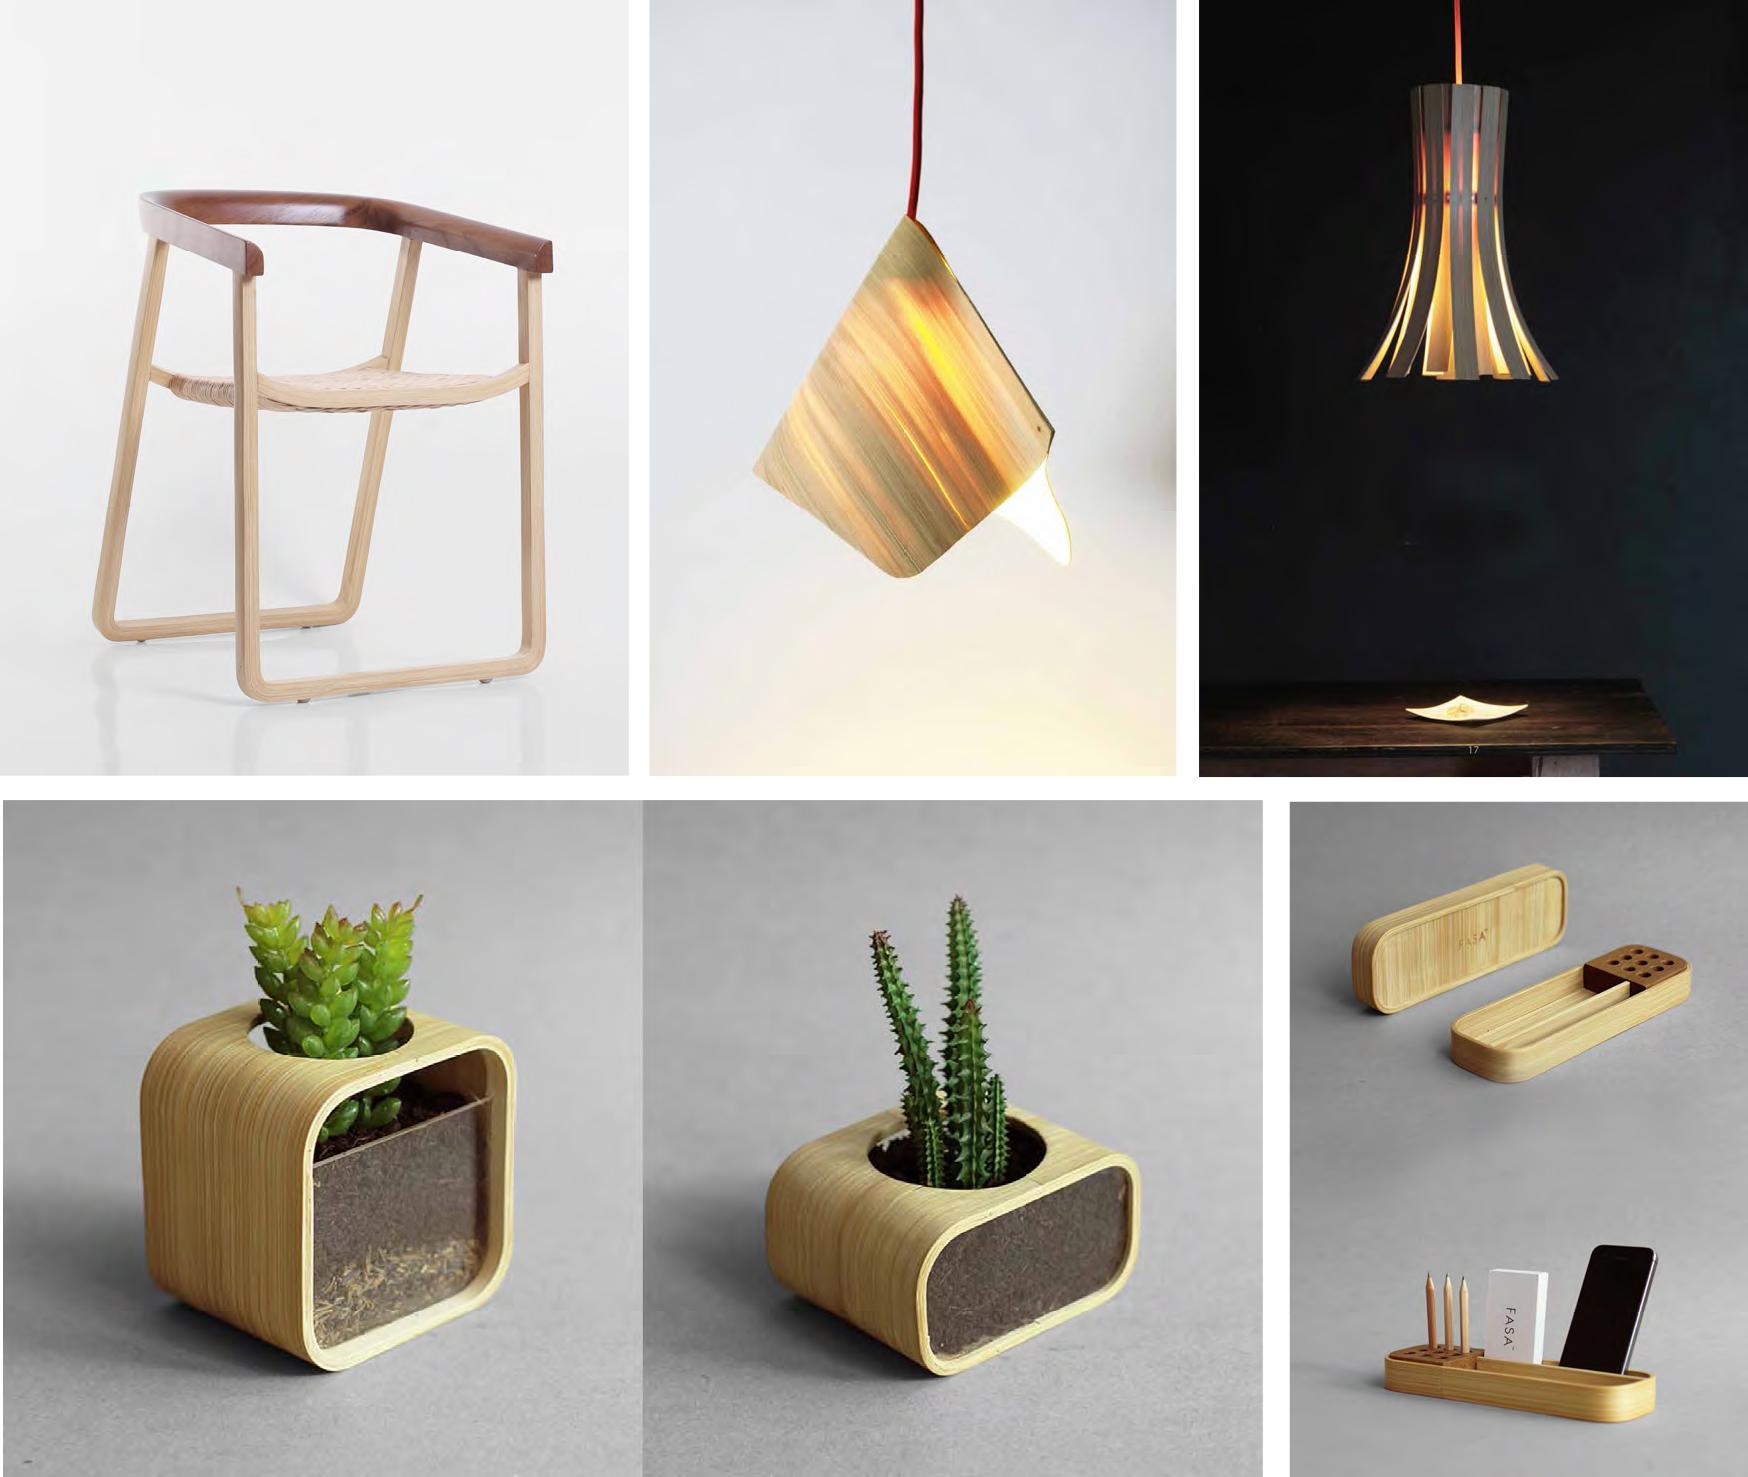 11 Desain Produk Bambu Indonesia yang Dipamerkan di Chiang Mai Design Week 2017,